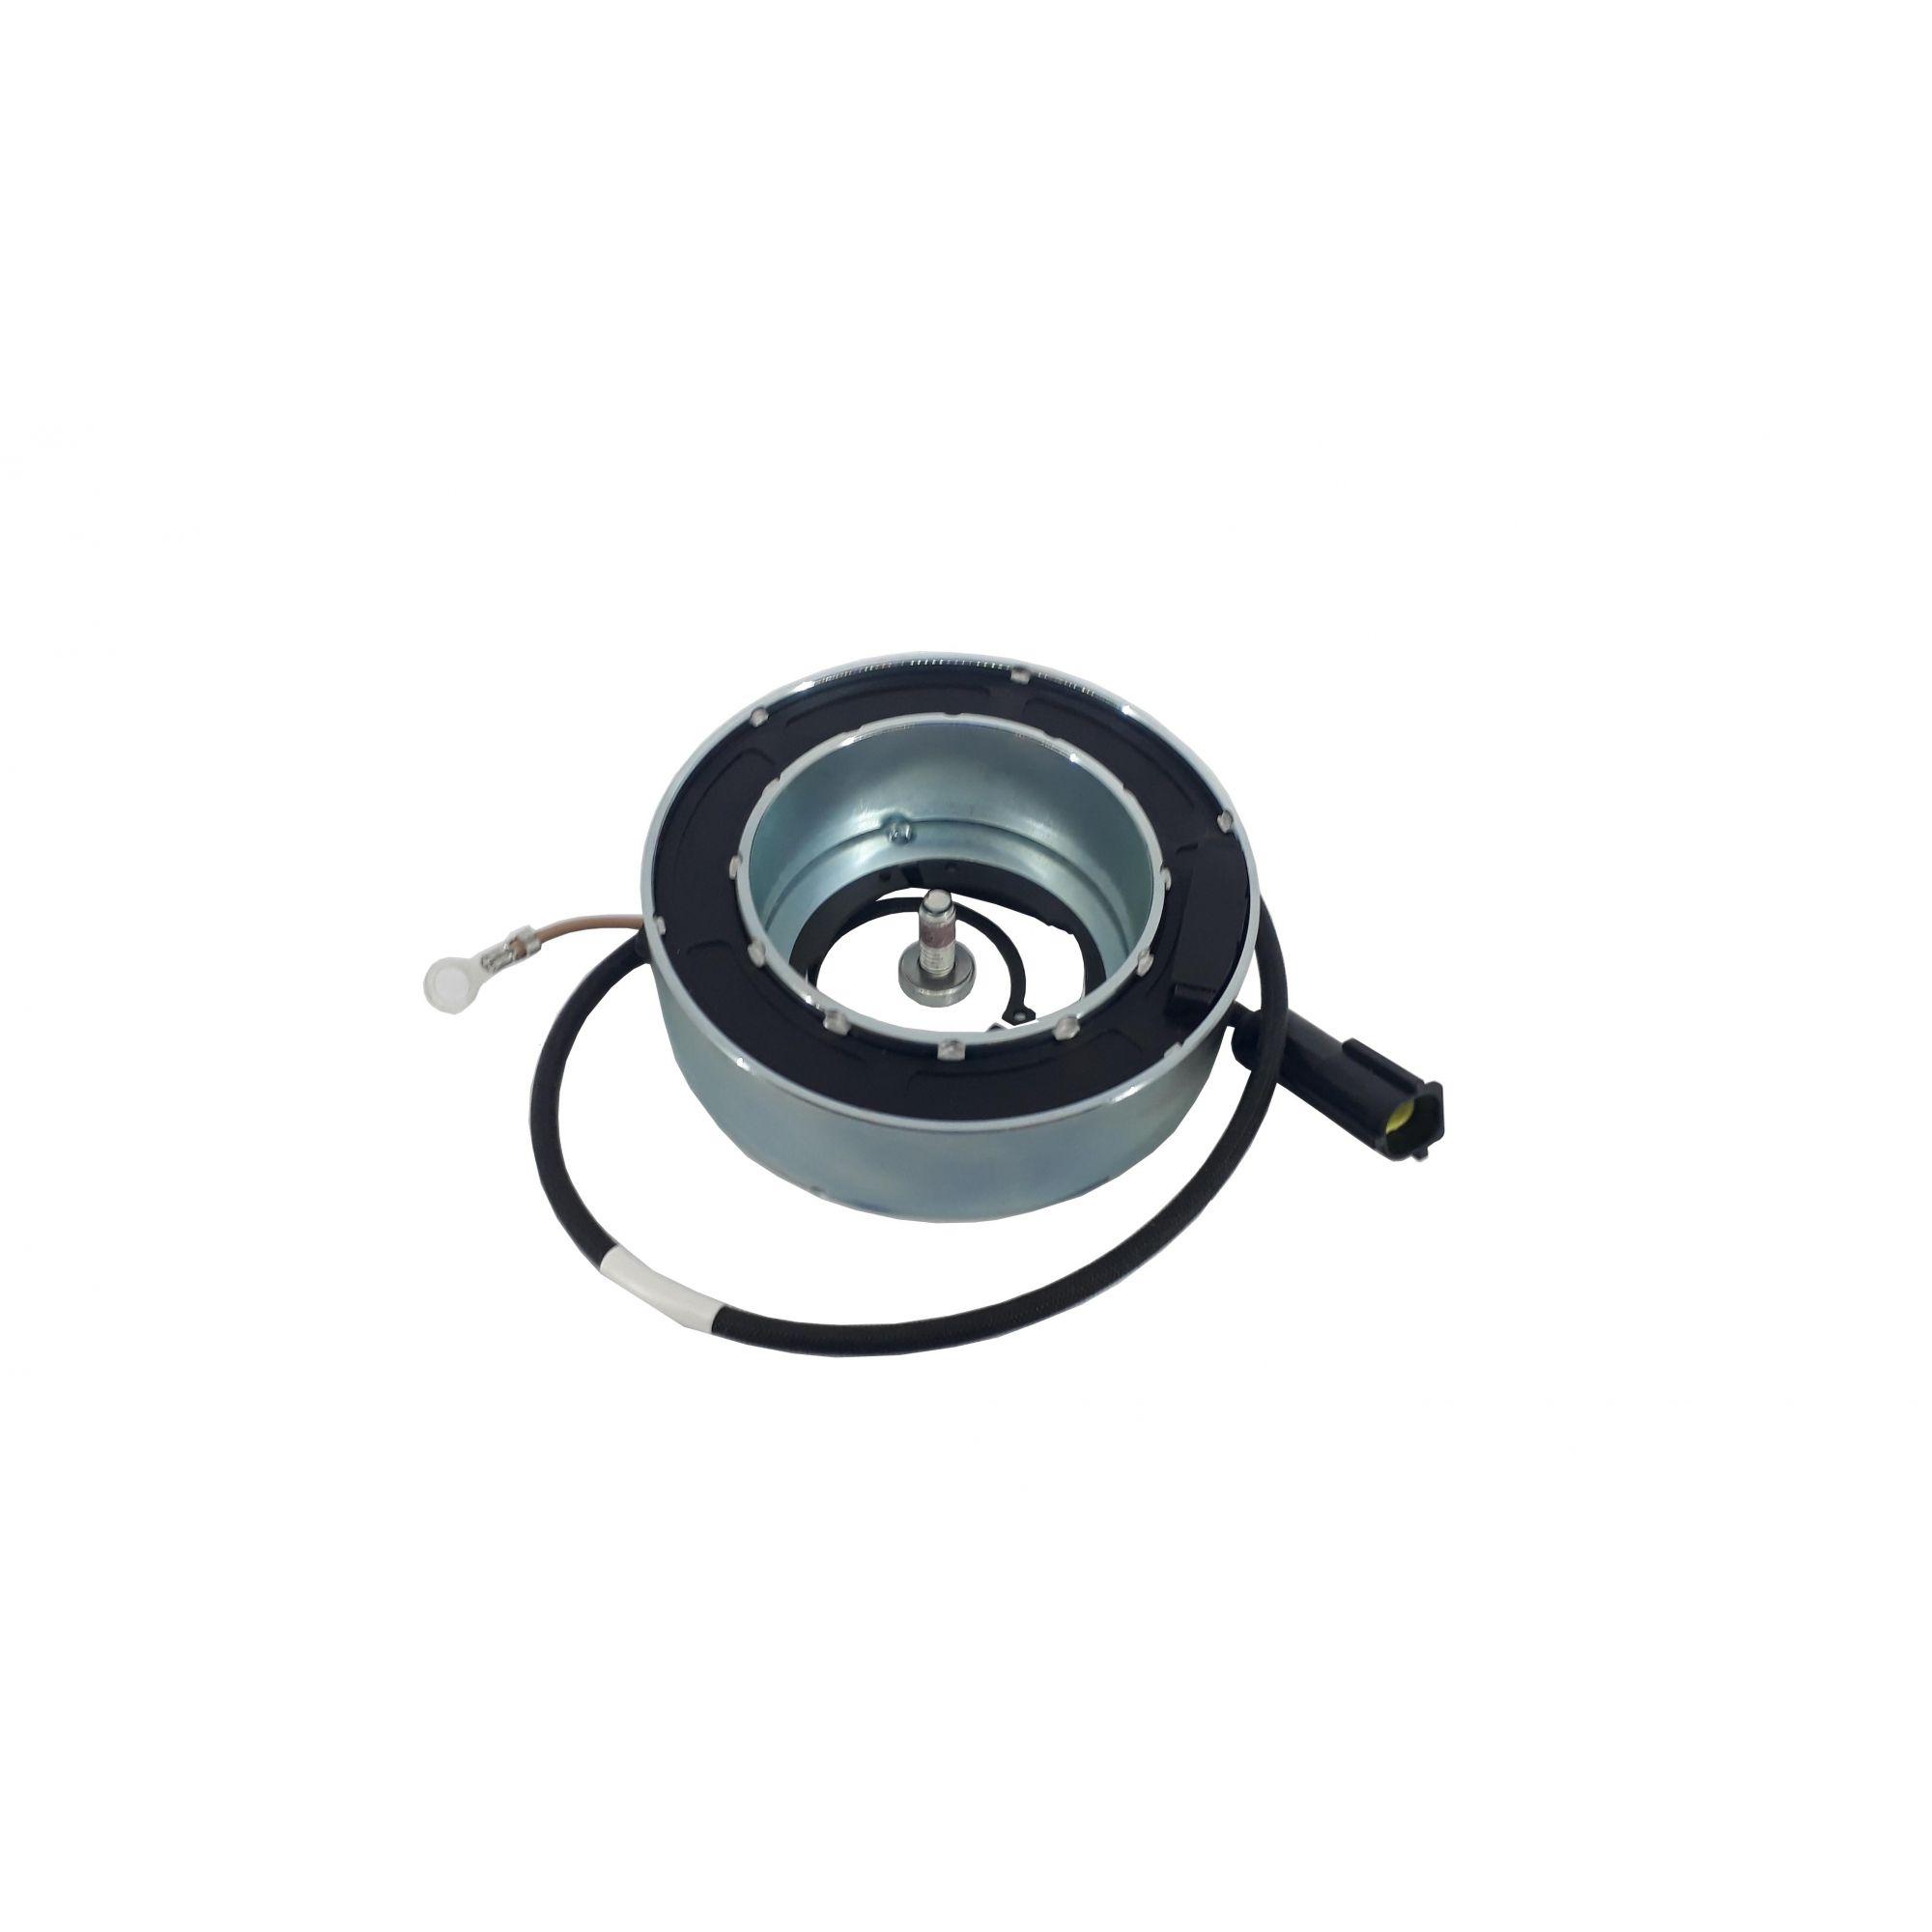 Bobina compressor Gol / Parati / Saveiro G2 G3 G4 1.6 1.8 - Original MAHLE